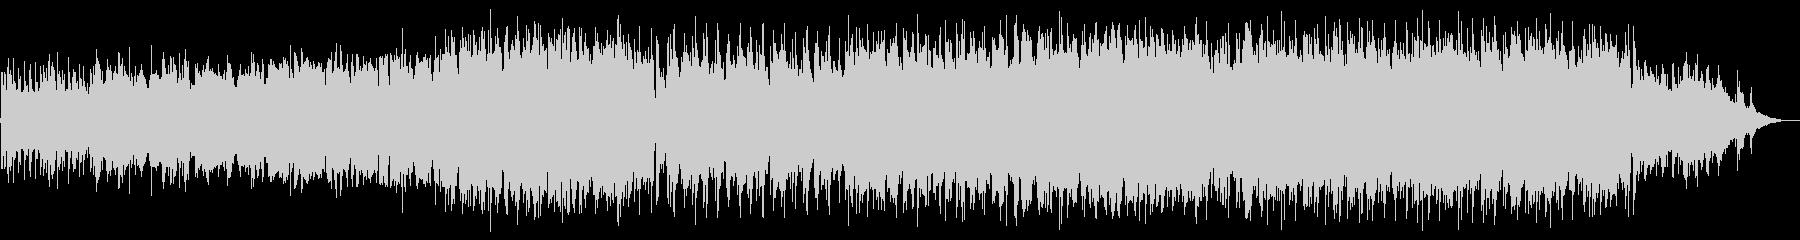 切ないメロディーが印象的なバラードBGMの未再生の波形